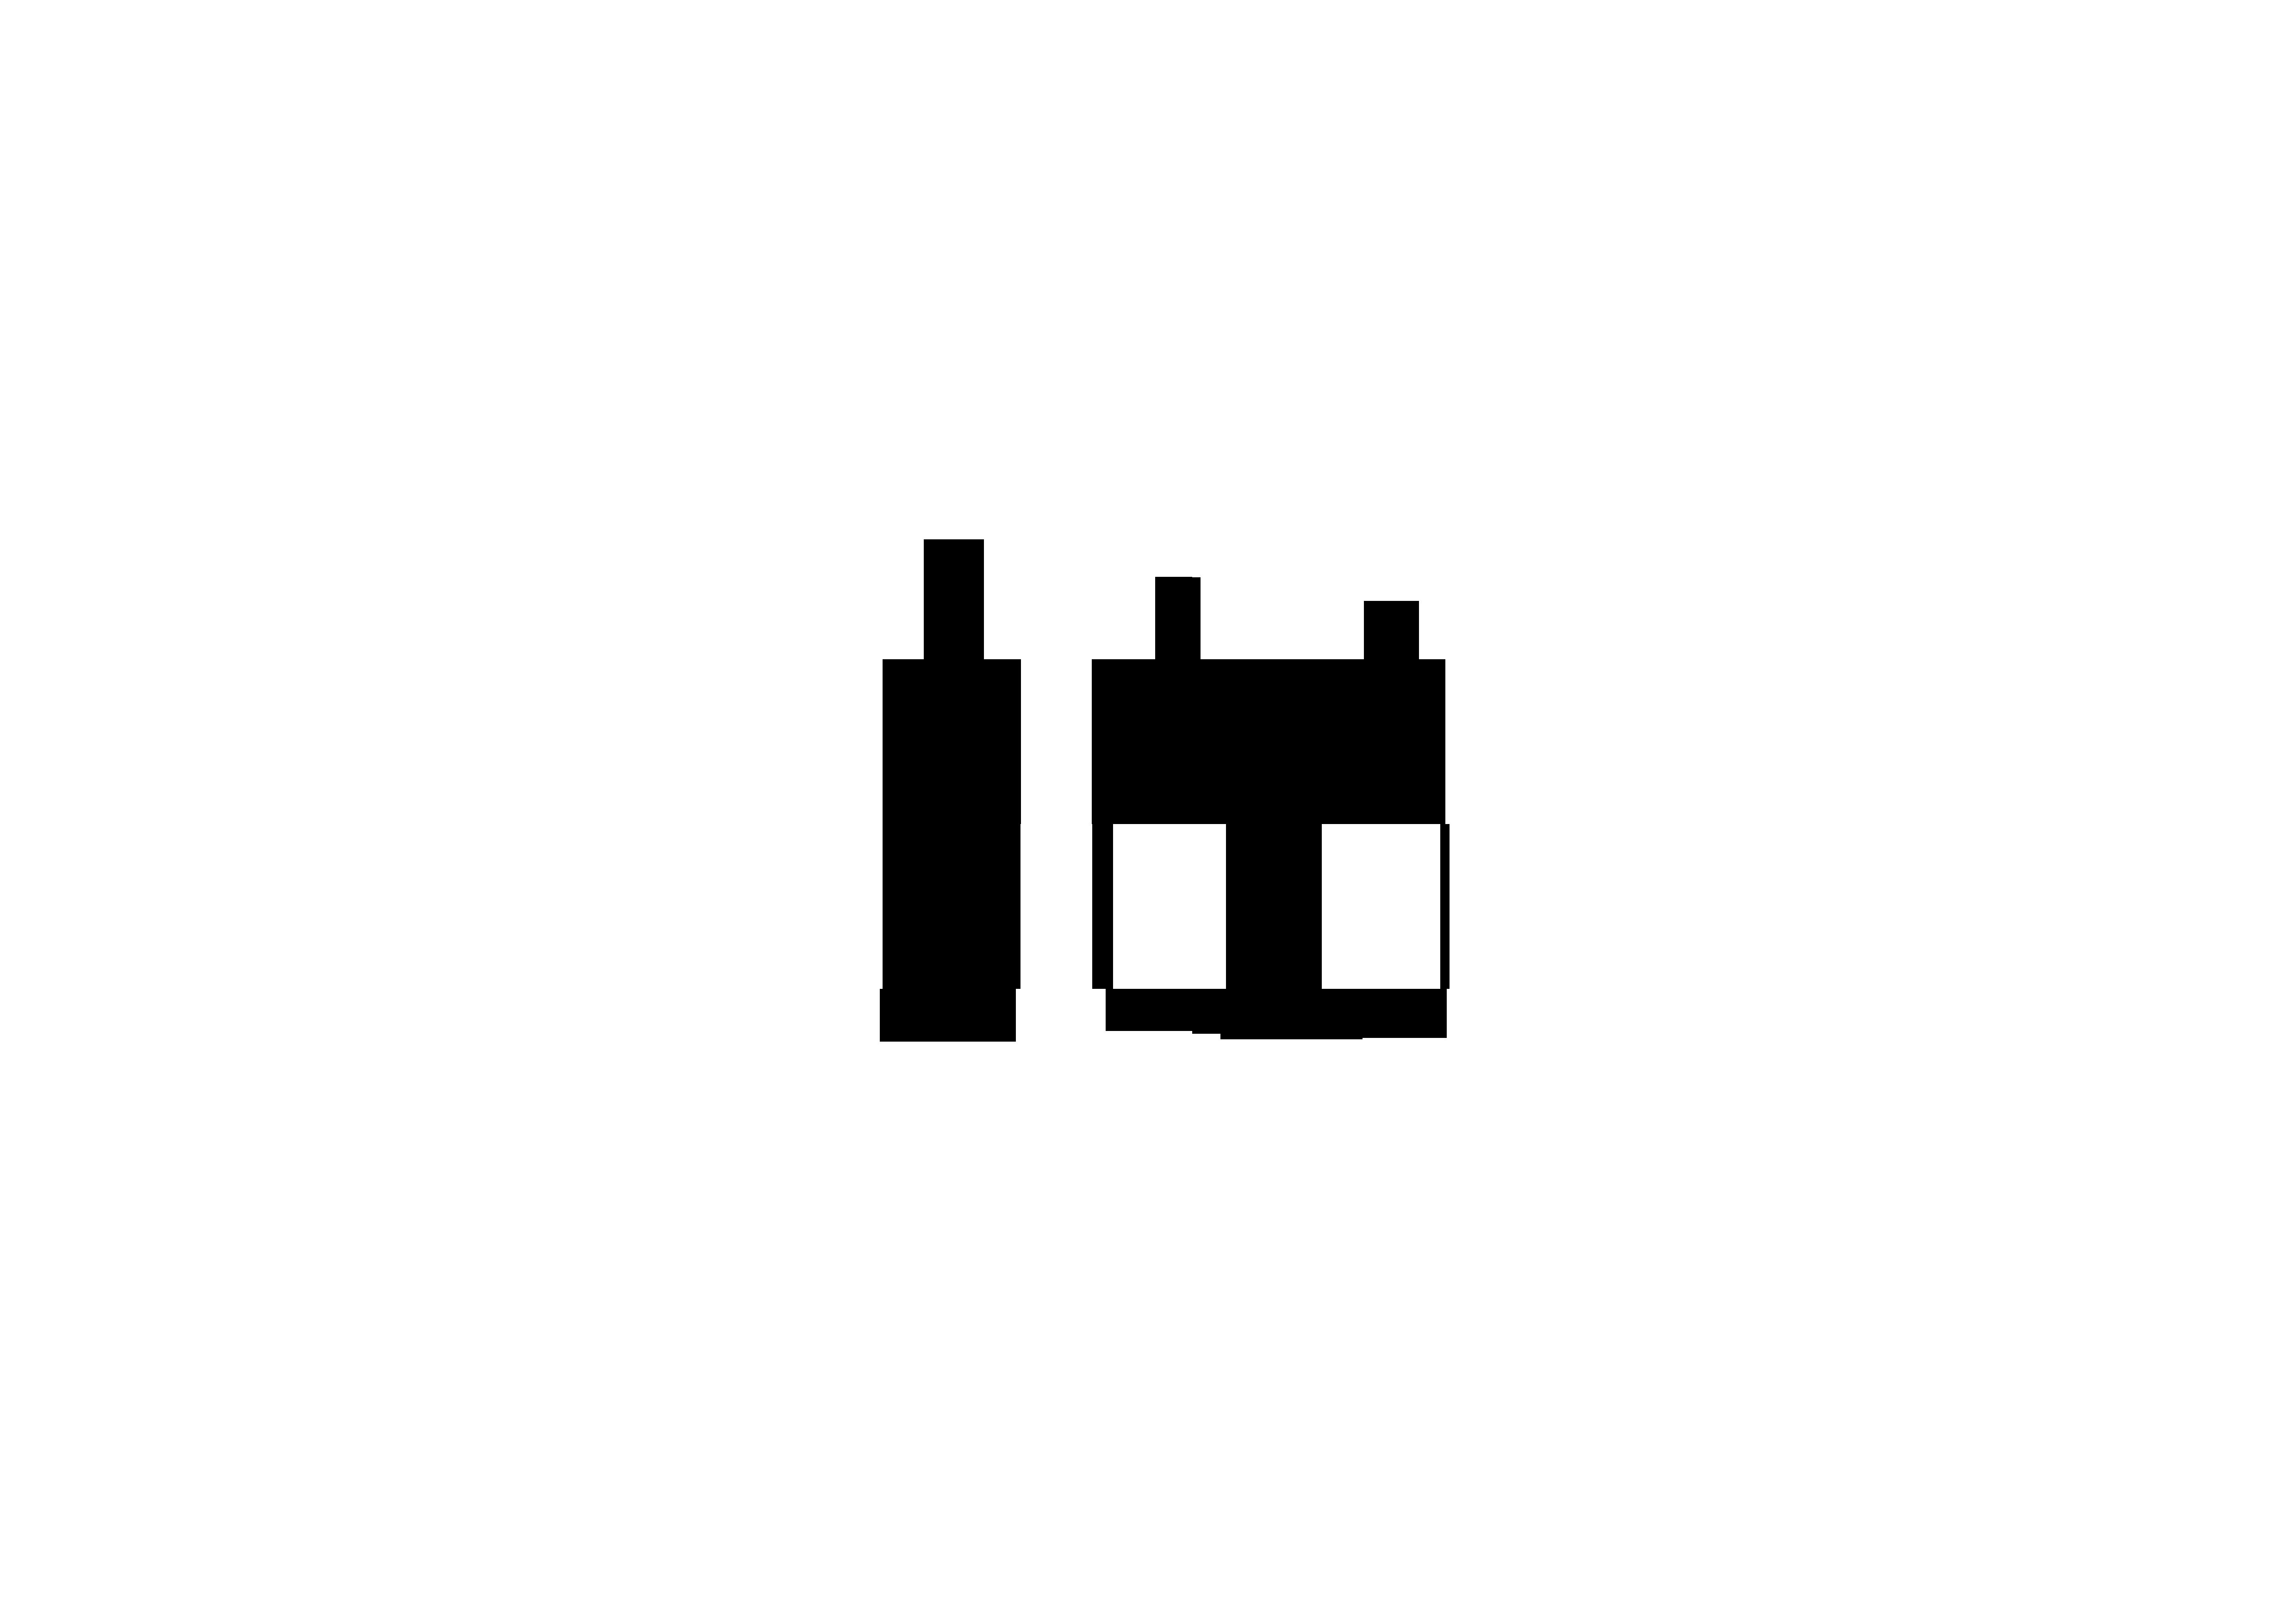 Omenamuna 2018 - Omenamuna